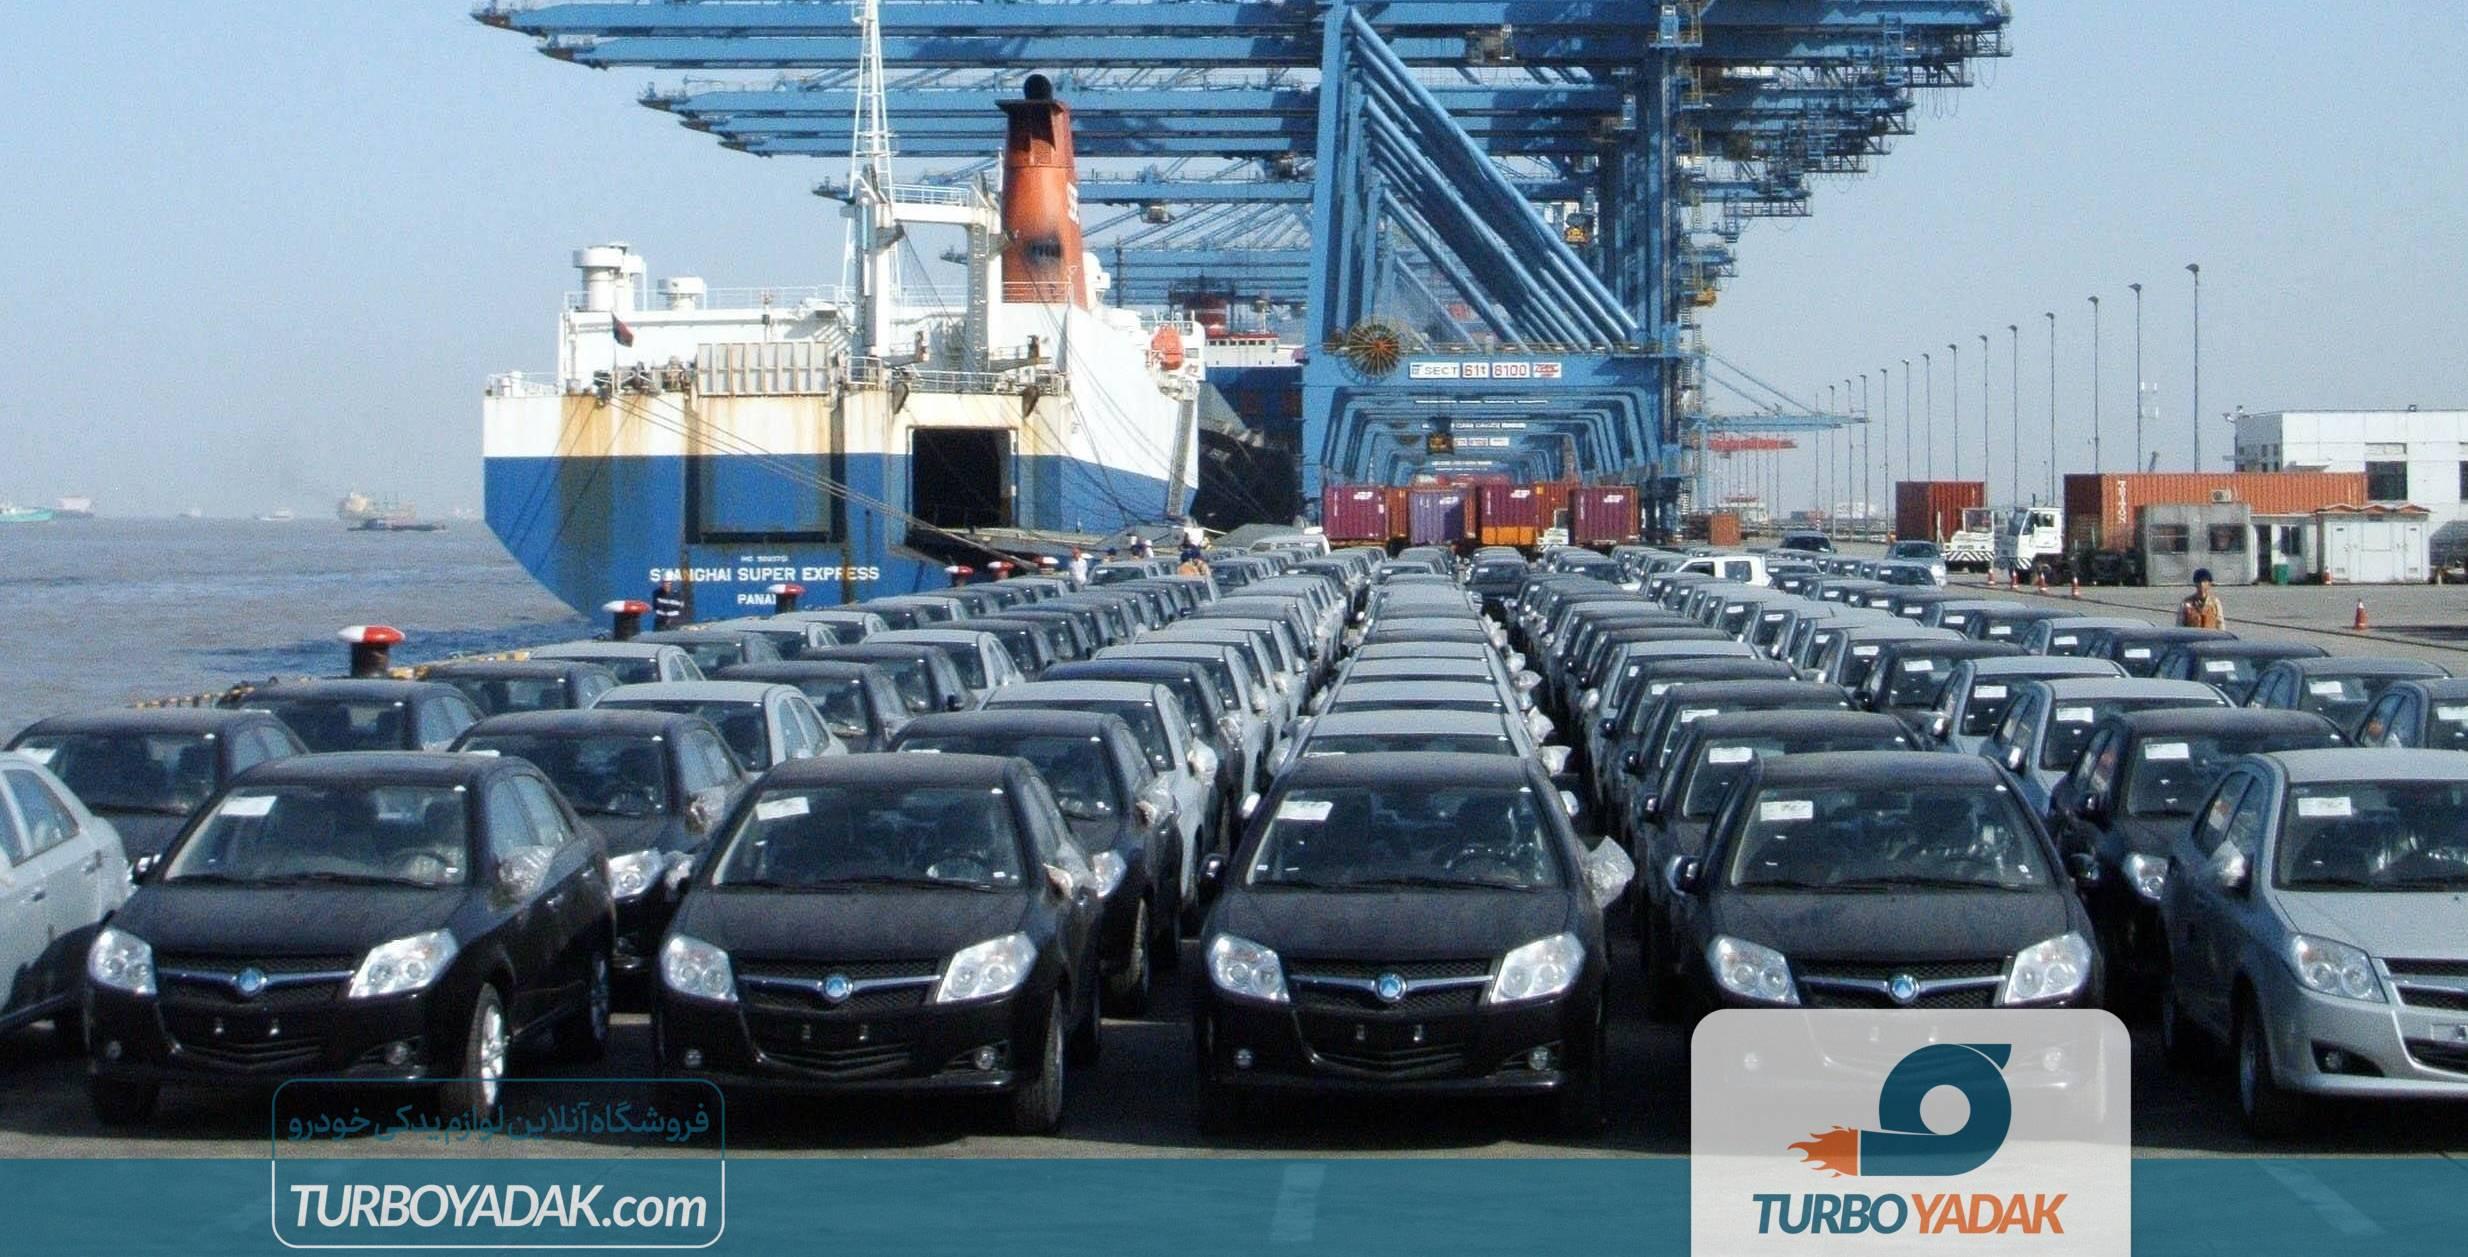 واردات خودرو و زمان مناسب برای خرید خودرو